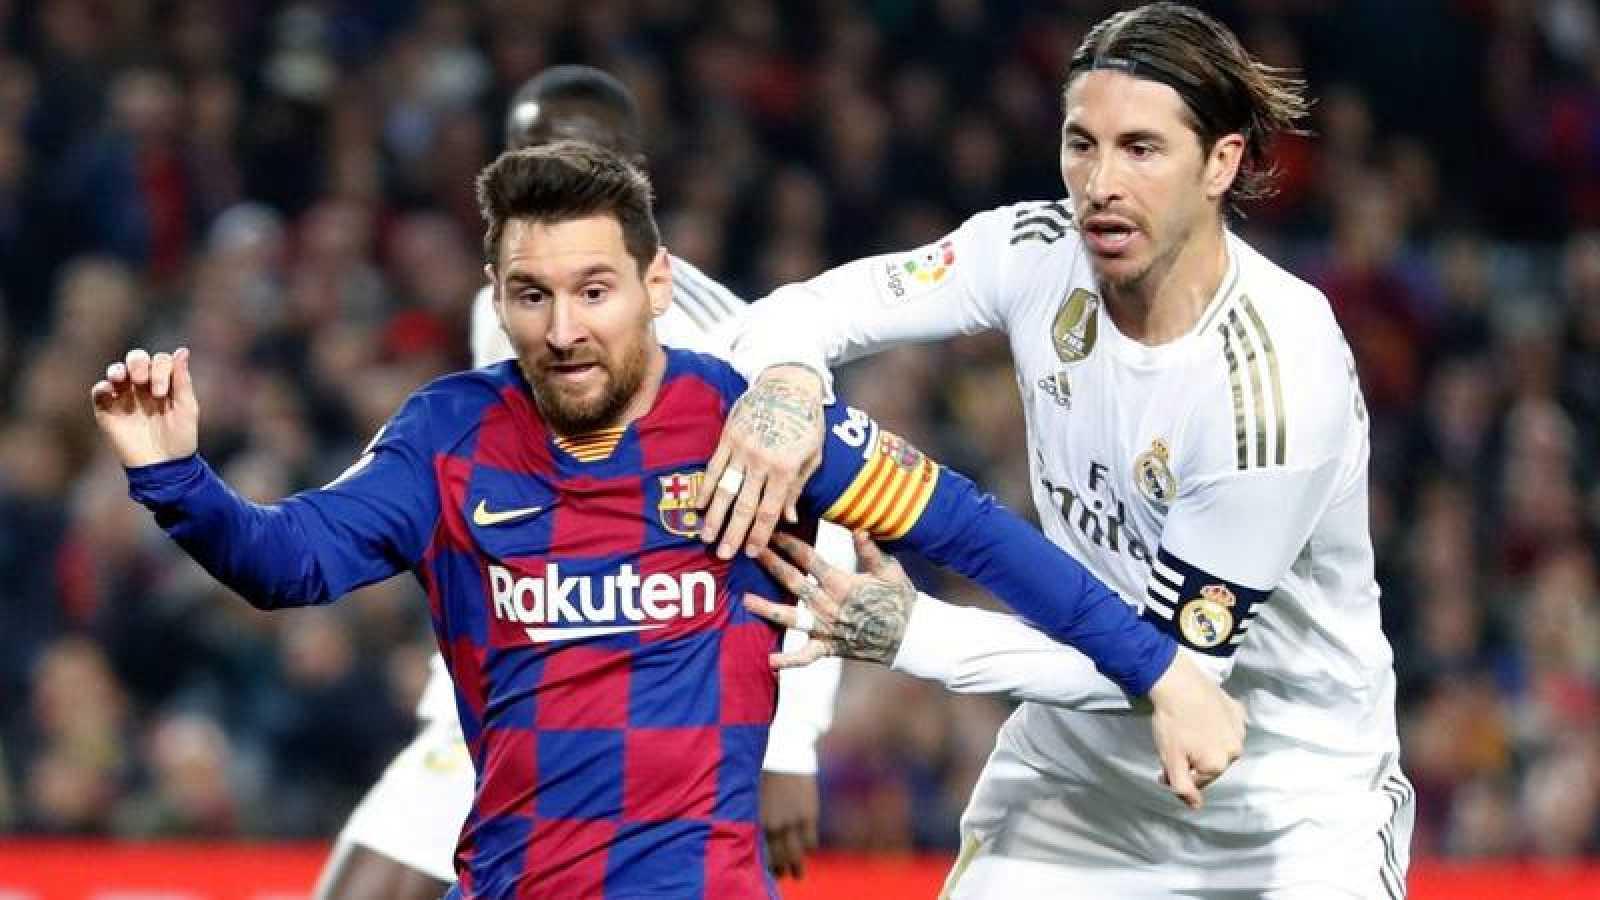 Leo Messi y Sergio Ramos disputan un balón durante el Clásico disputado el 19 de diciembre de 2019.